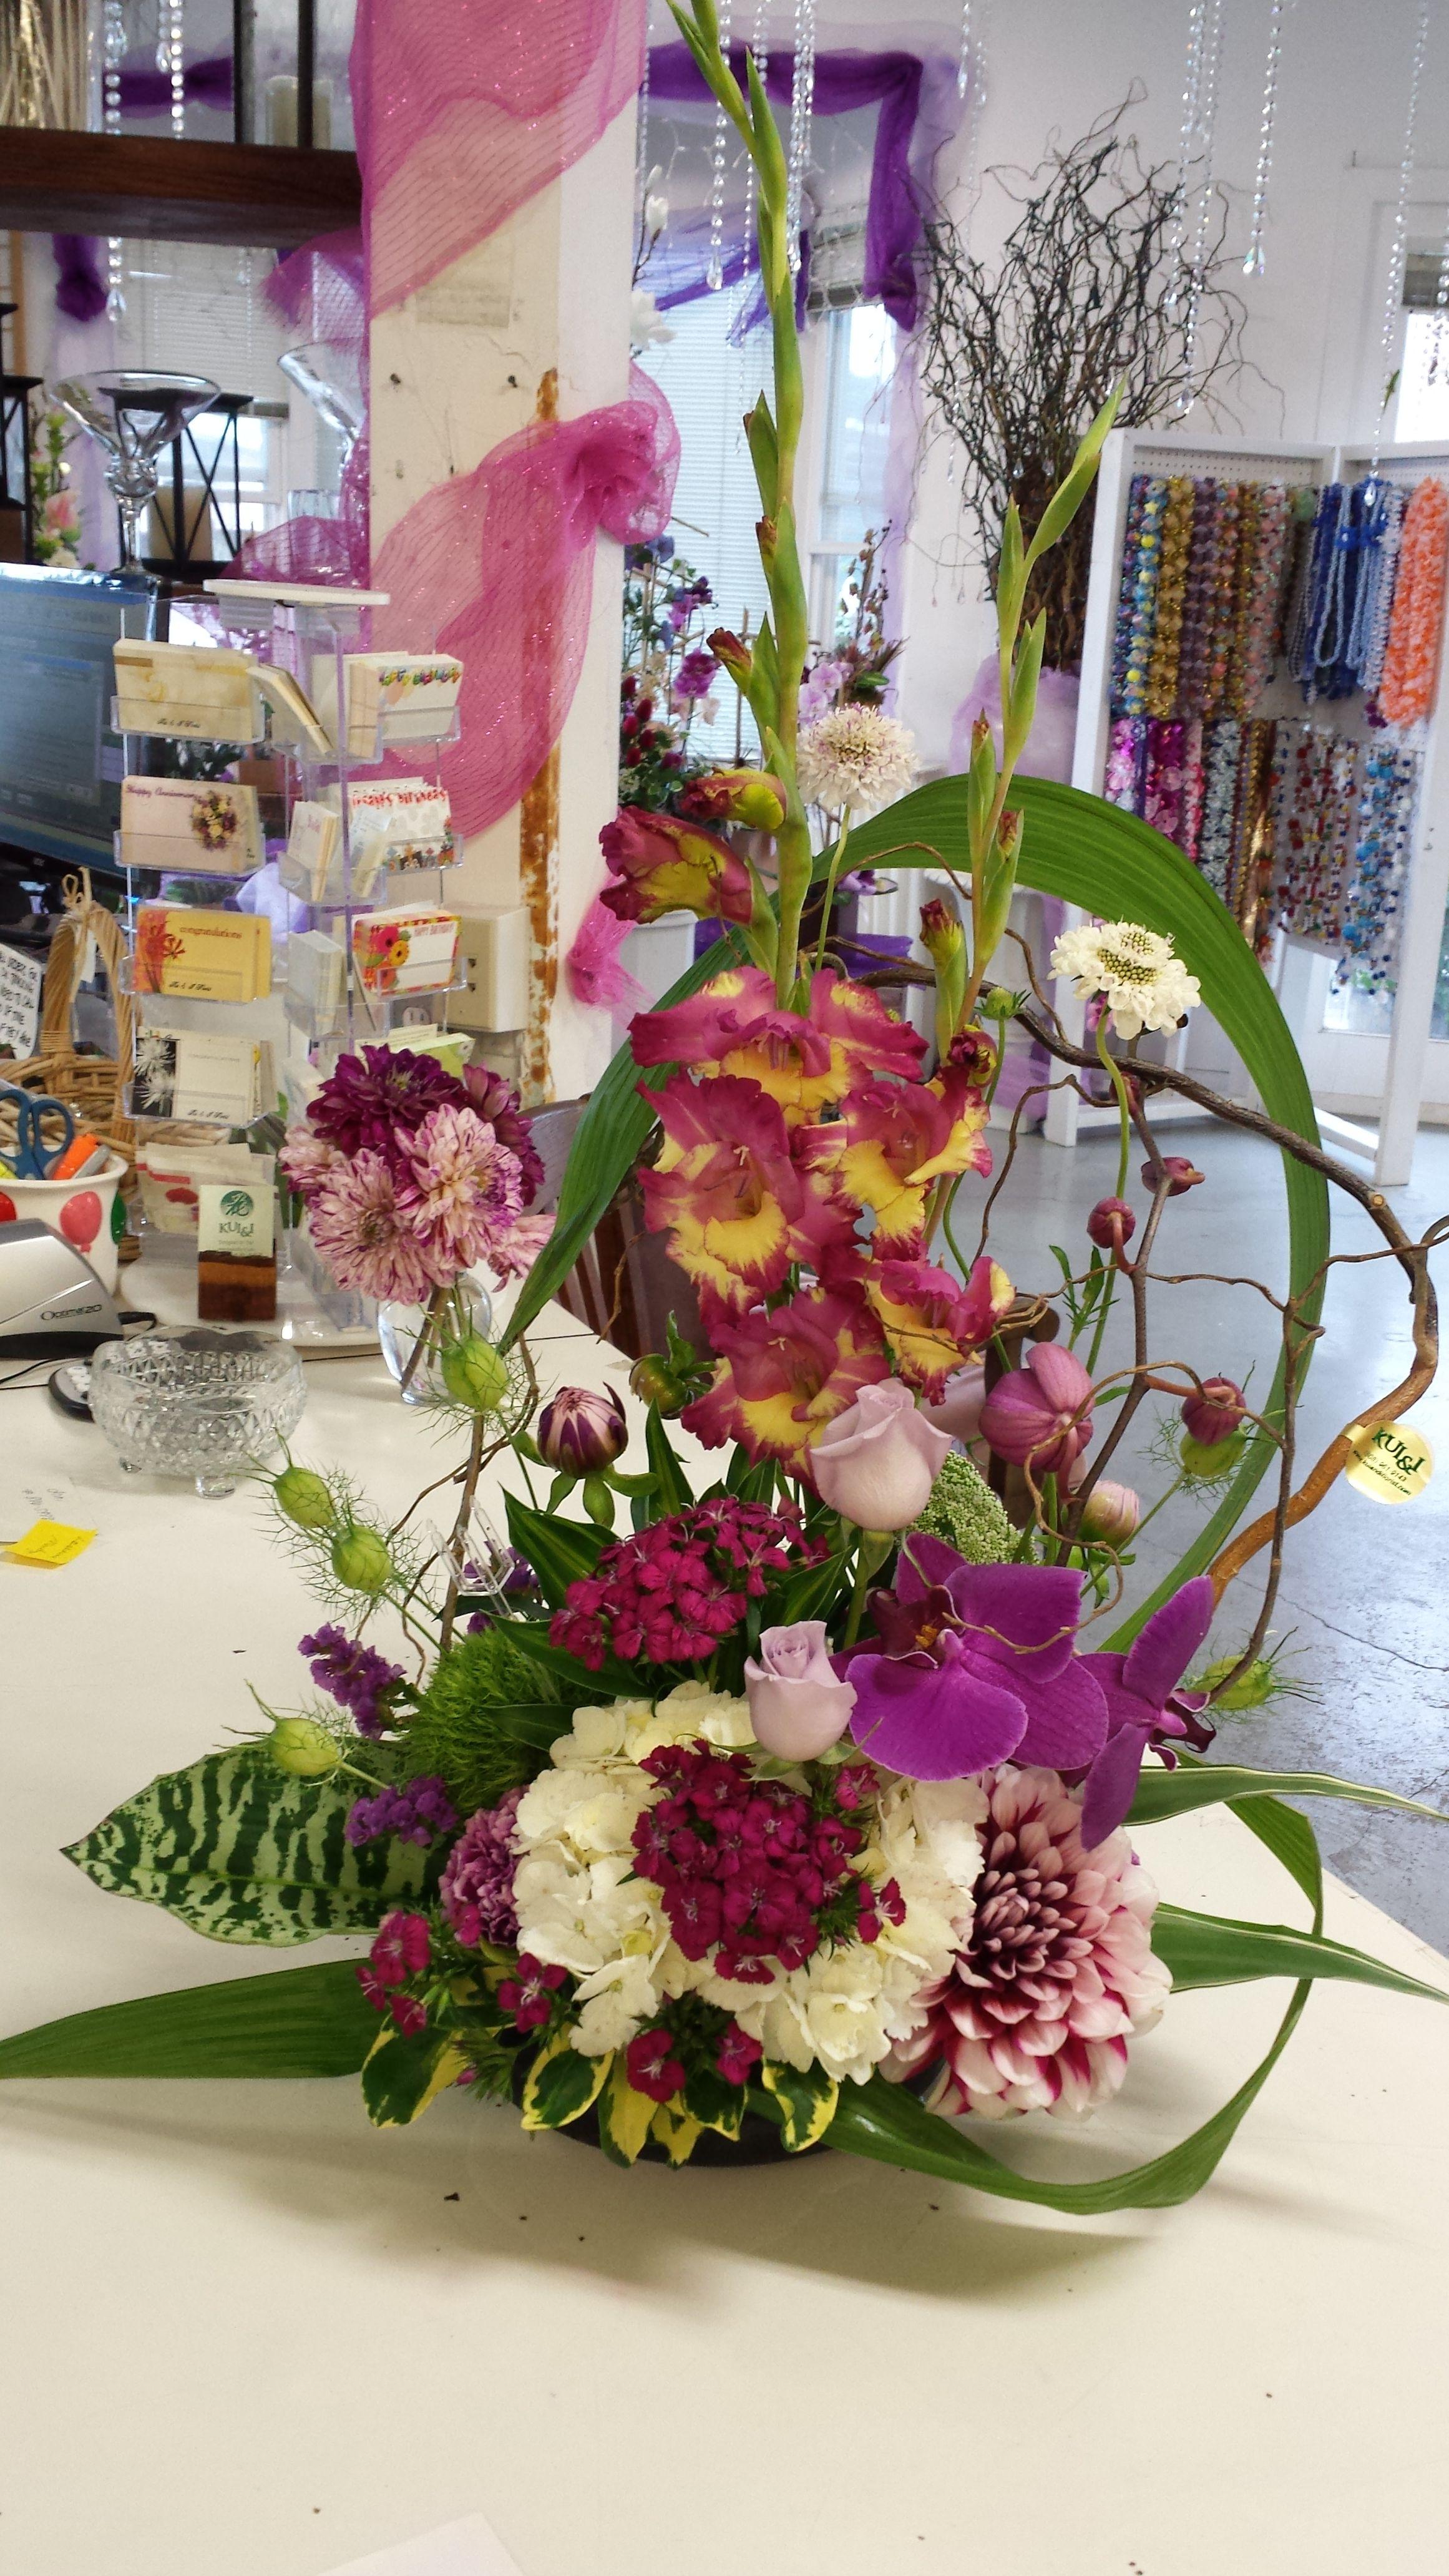 home decor silk floral arrangement floral decor tropical.htm kui   i florist hilo  hi  with images  floral arrangements  floral arrangements